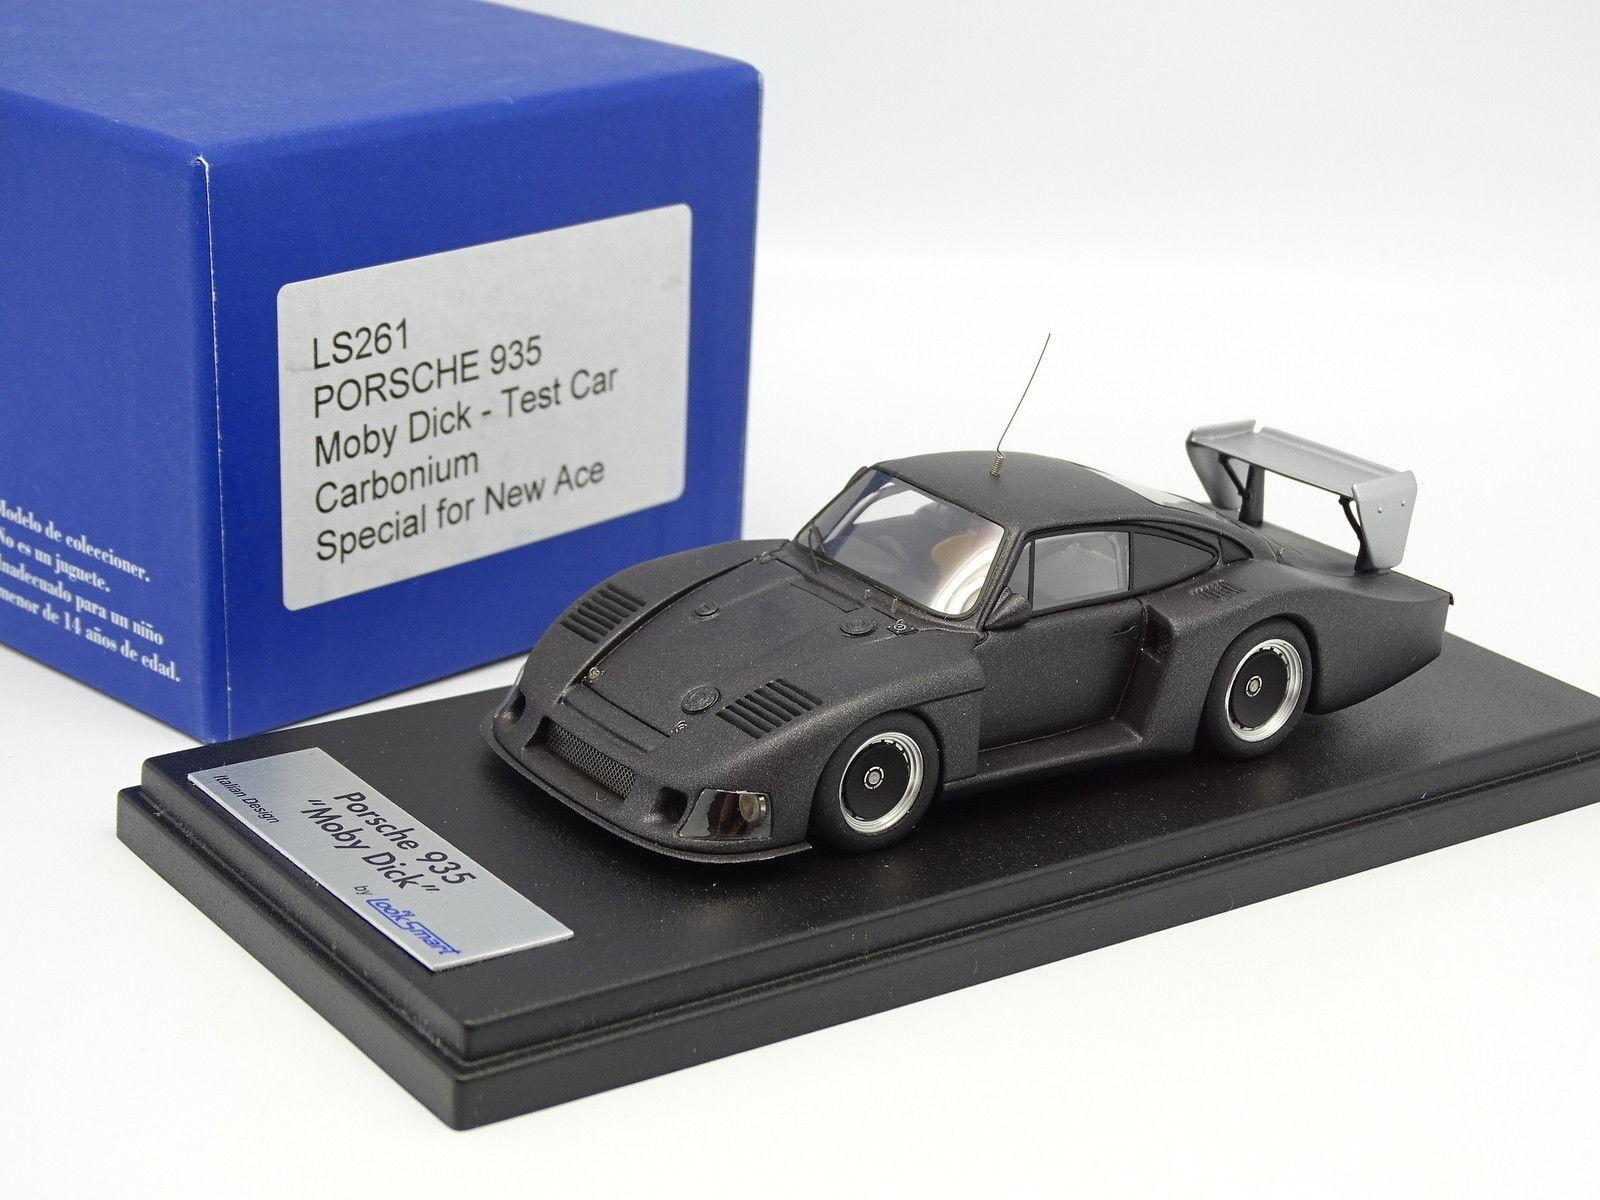 Looksmart 1 43 - PORSCHE 935 MOBYDICK TEST CAR Carbonium